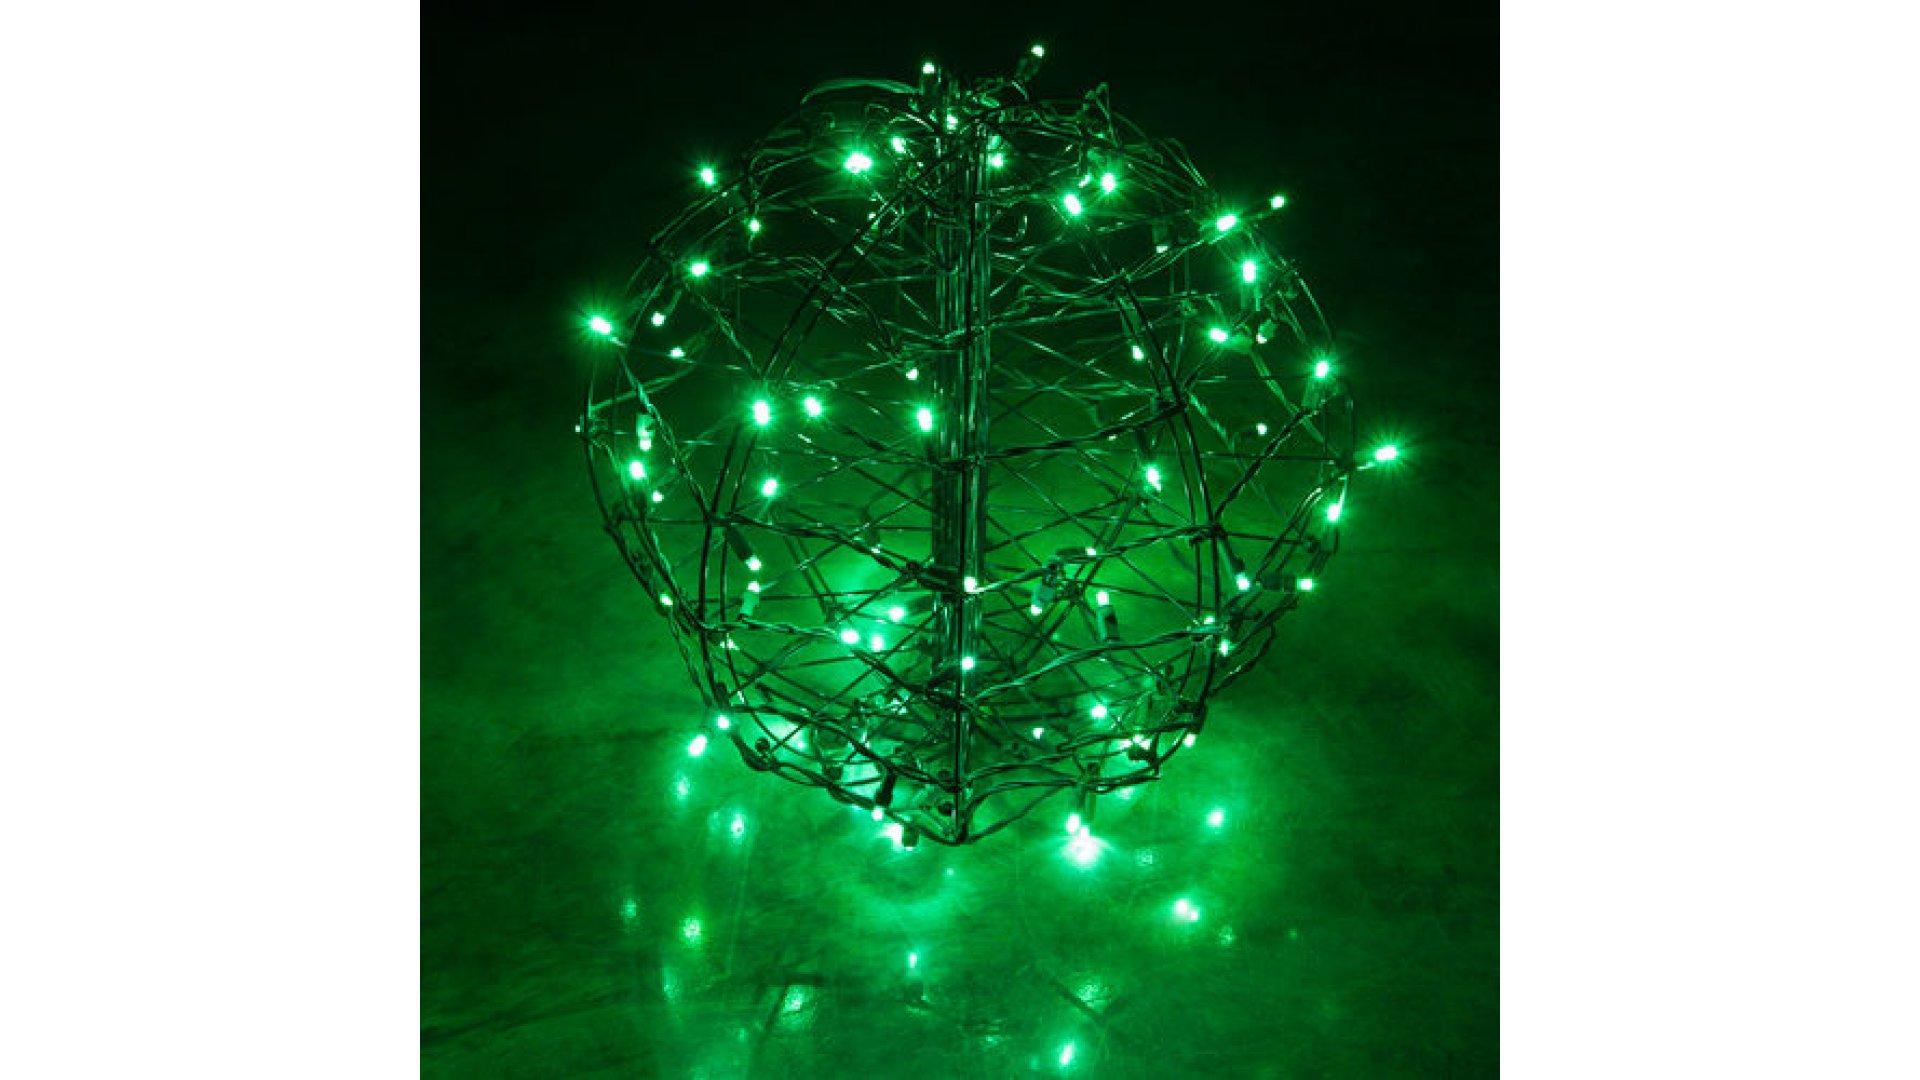 Christmas Light Balls.Clp13775 Led Christmas Light Ball Green Fold Flat Christmas Light Display